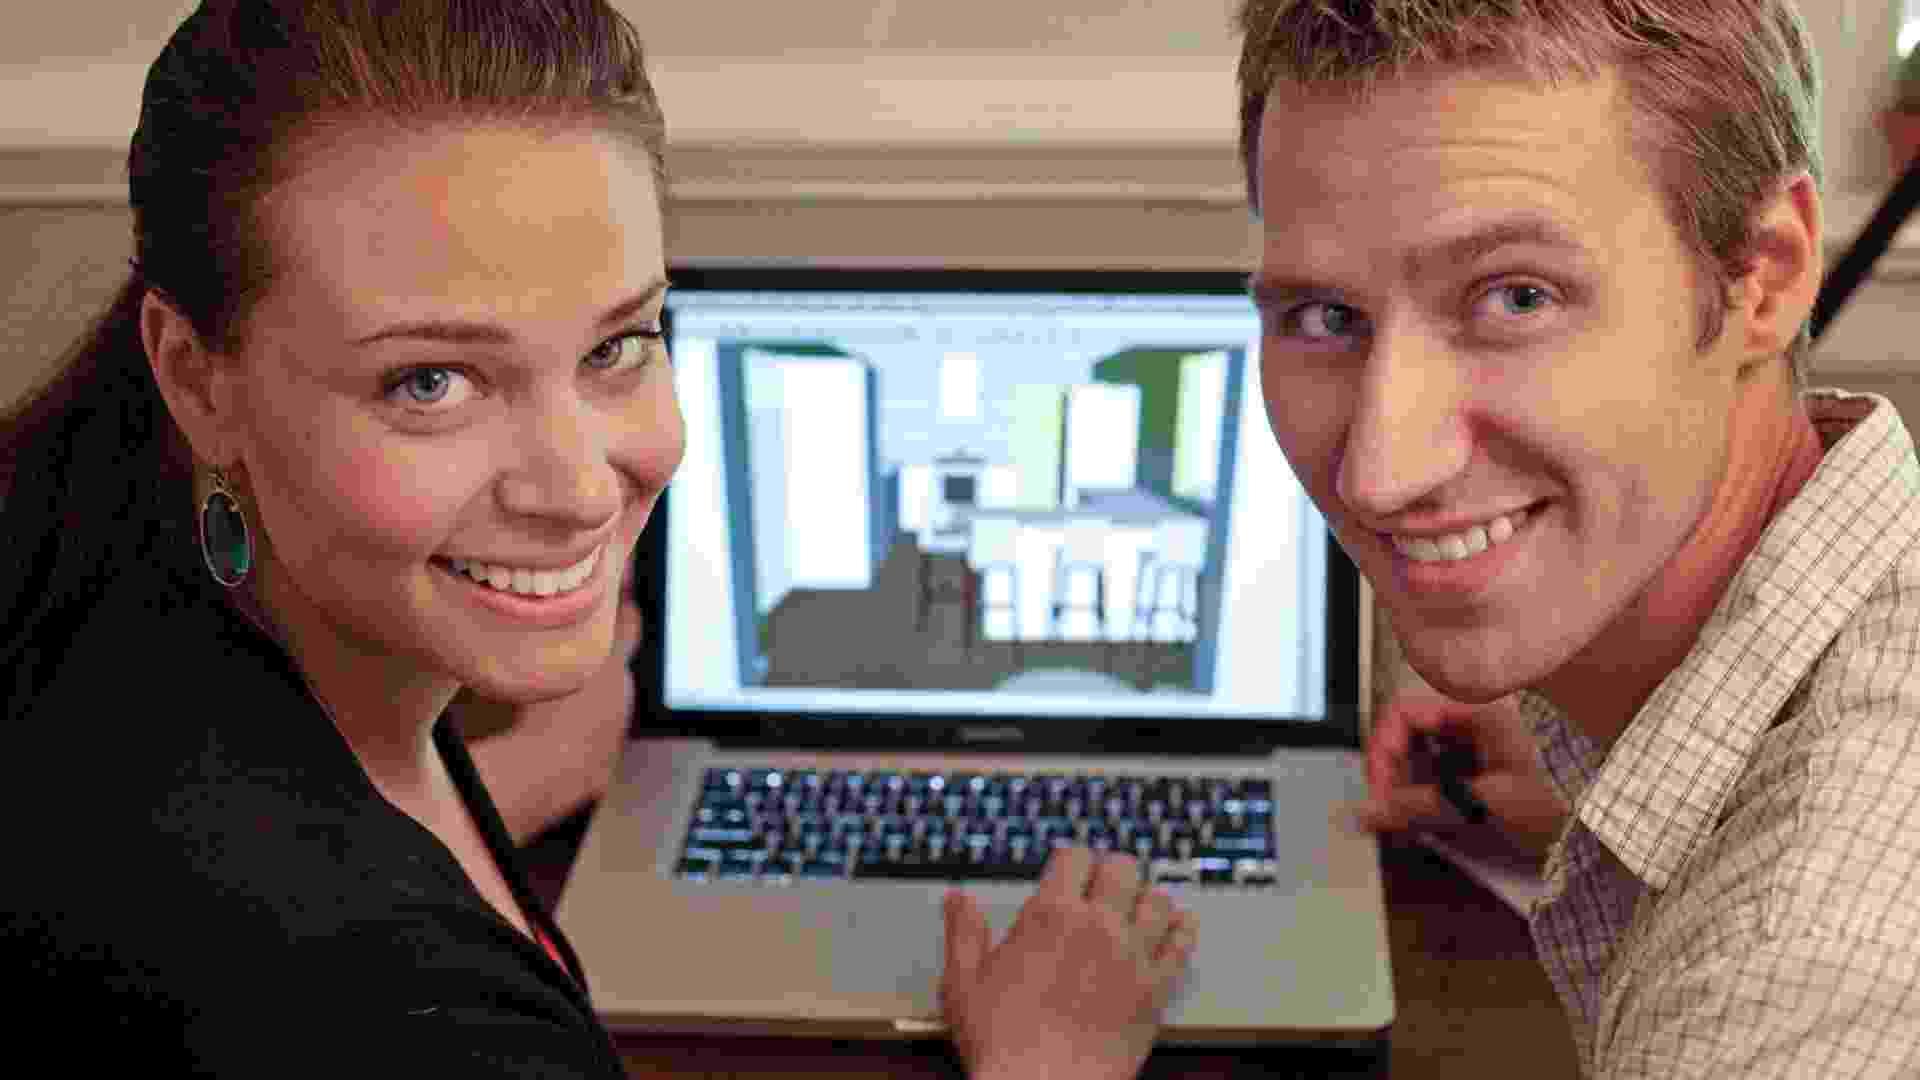 Sherry e John Petersik usaram programas de computador para desenvolver a reforma de sua cozinha. (Imagem do NYT, usar apenas no respectivo material) - Jay Paul/The New York Times